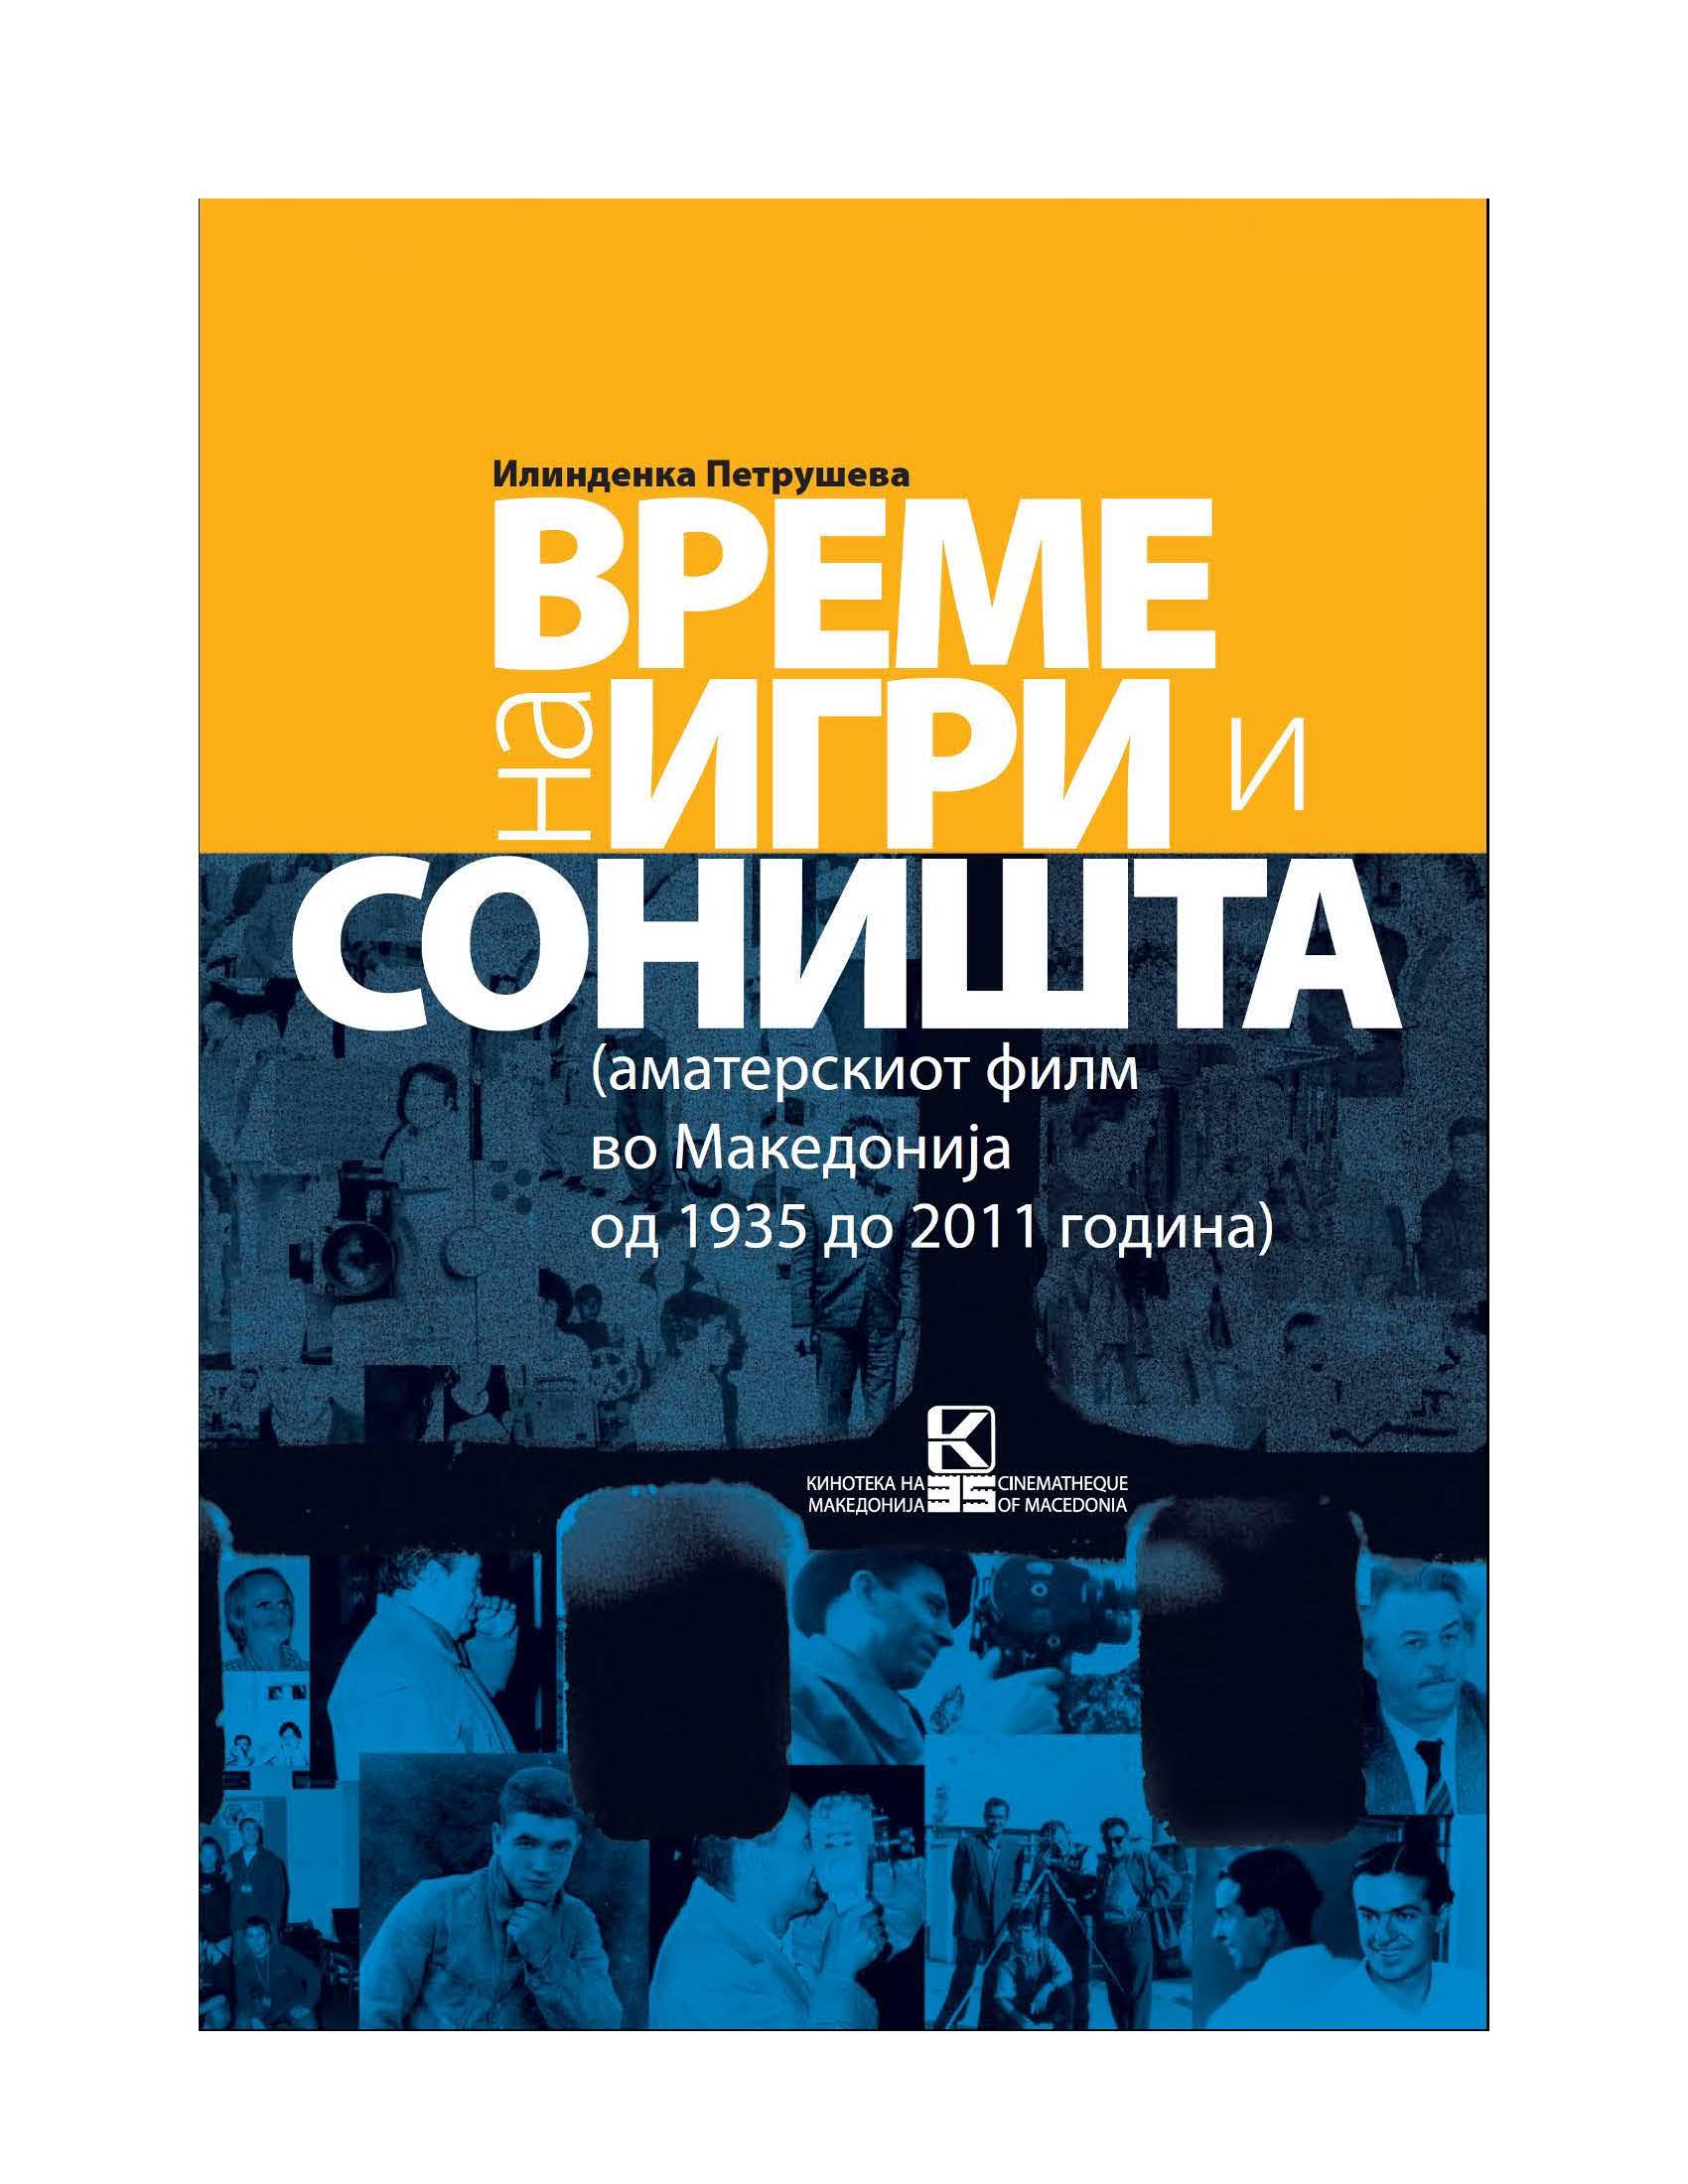 Илинденка Петрушева ВРЕМЕ НА ИГРИ И СОНИШТА (аматерскиот филм во Македонија од 1935 до 2011 година)